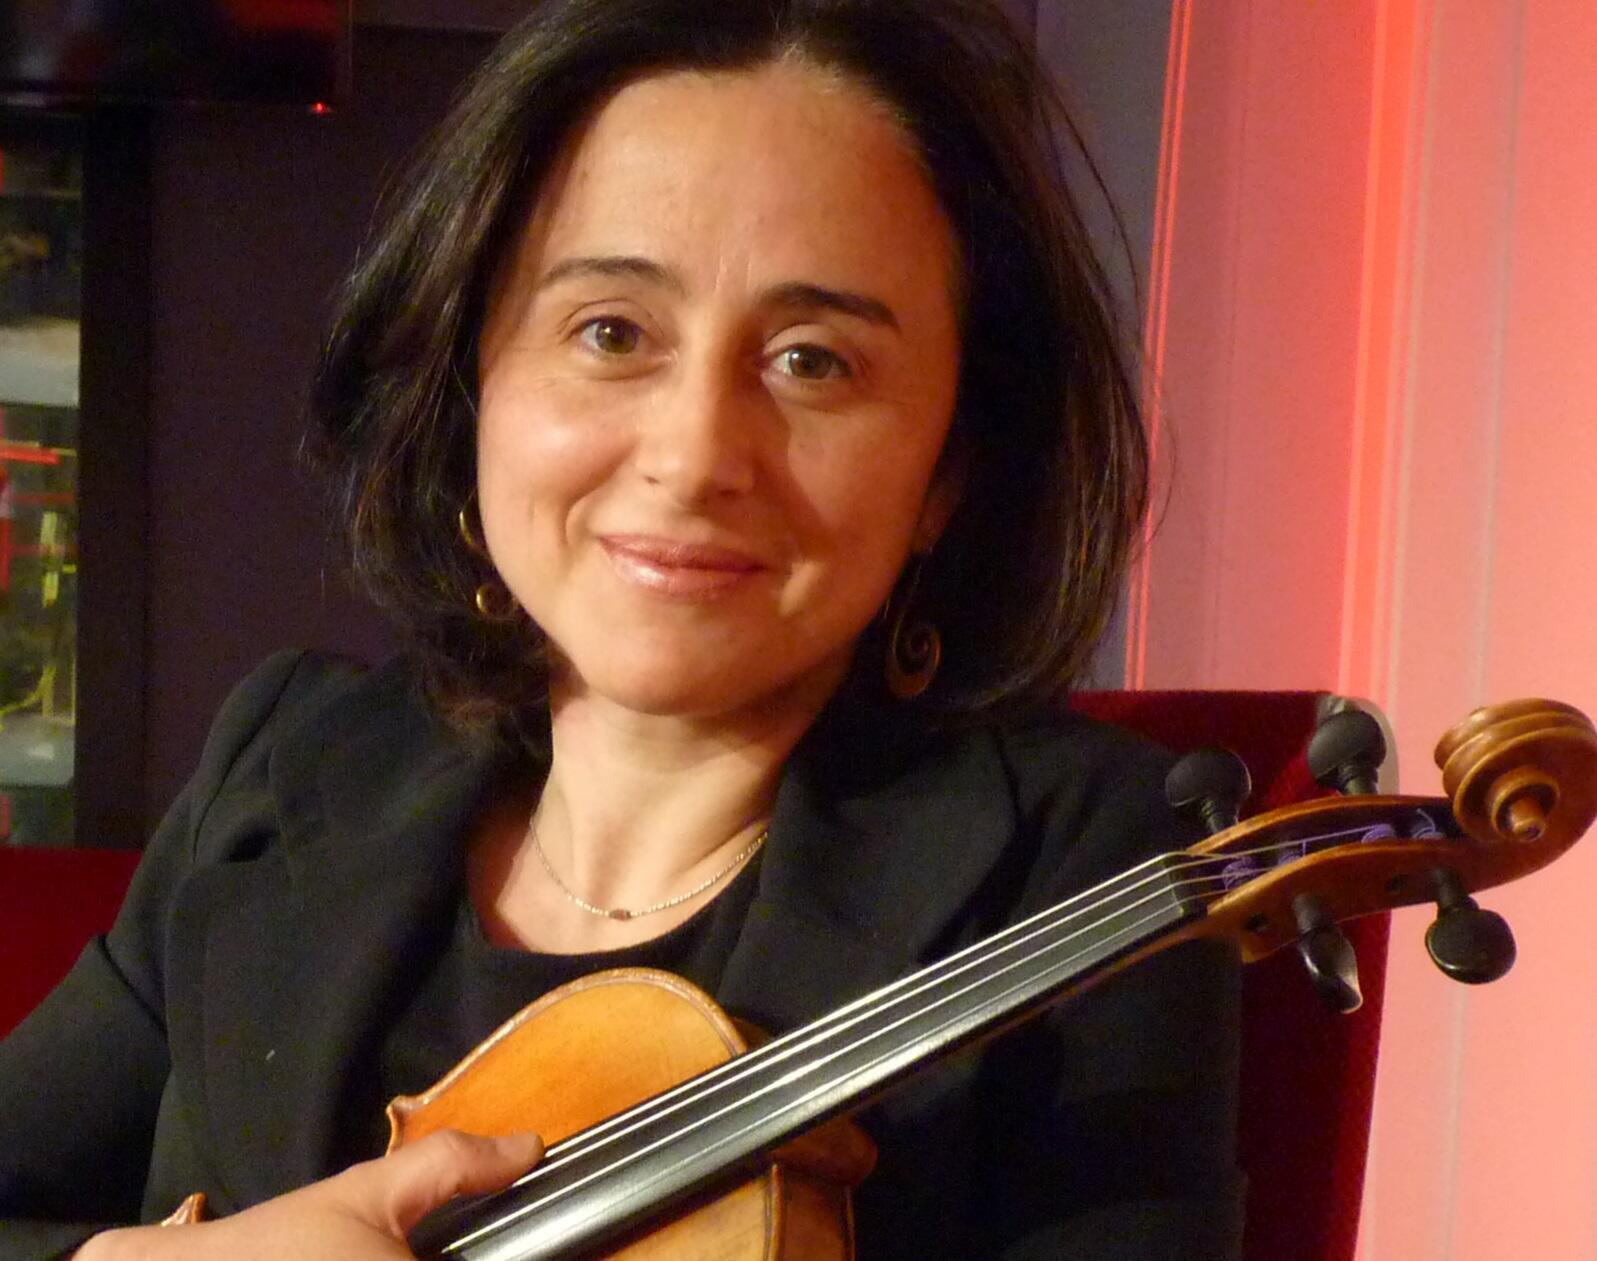 La violinista y compositora española Mónica Acevedo de Pablo en RFI